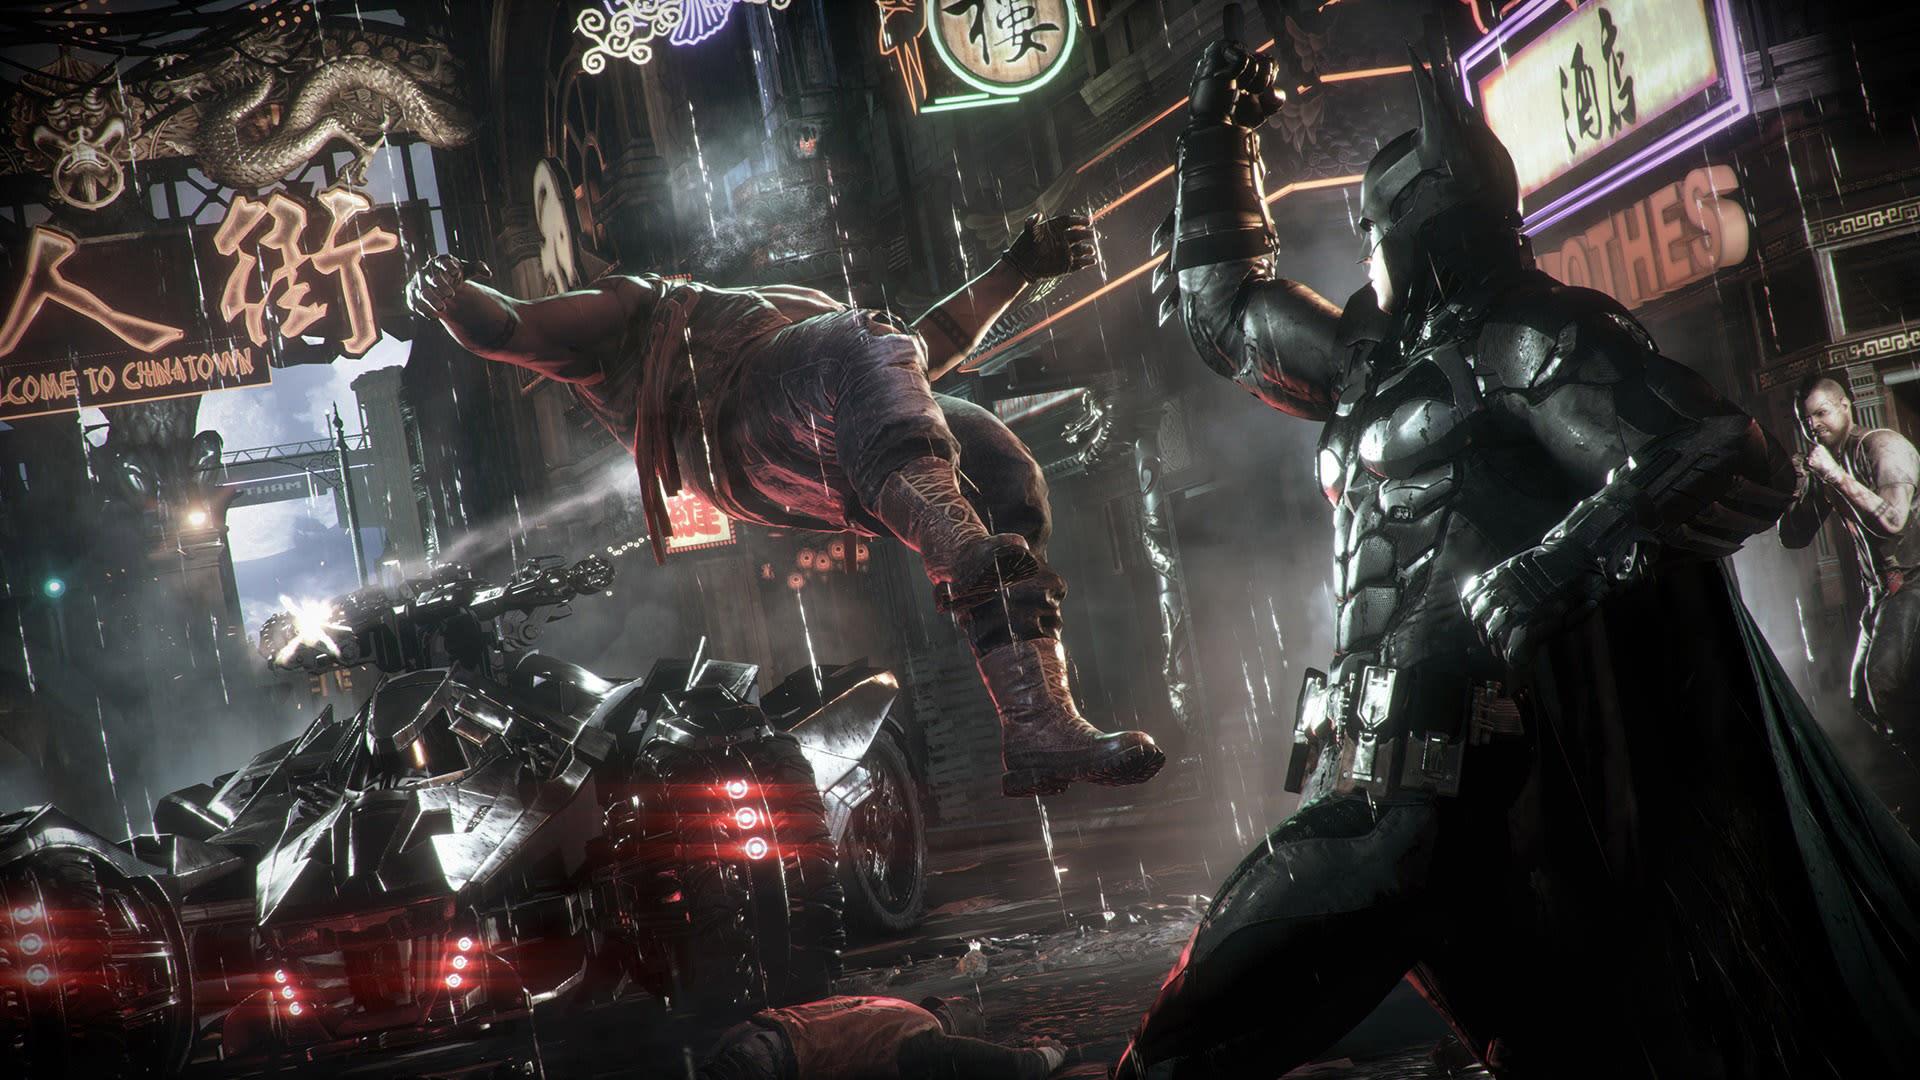 Los mejores juegos baratos para PS4 del momento